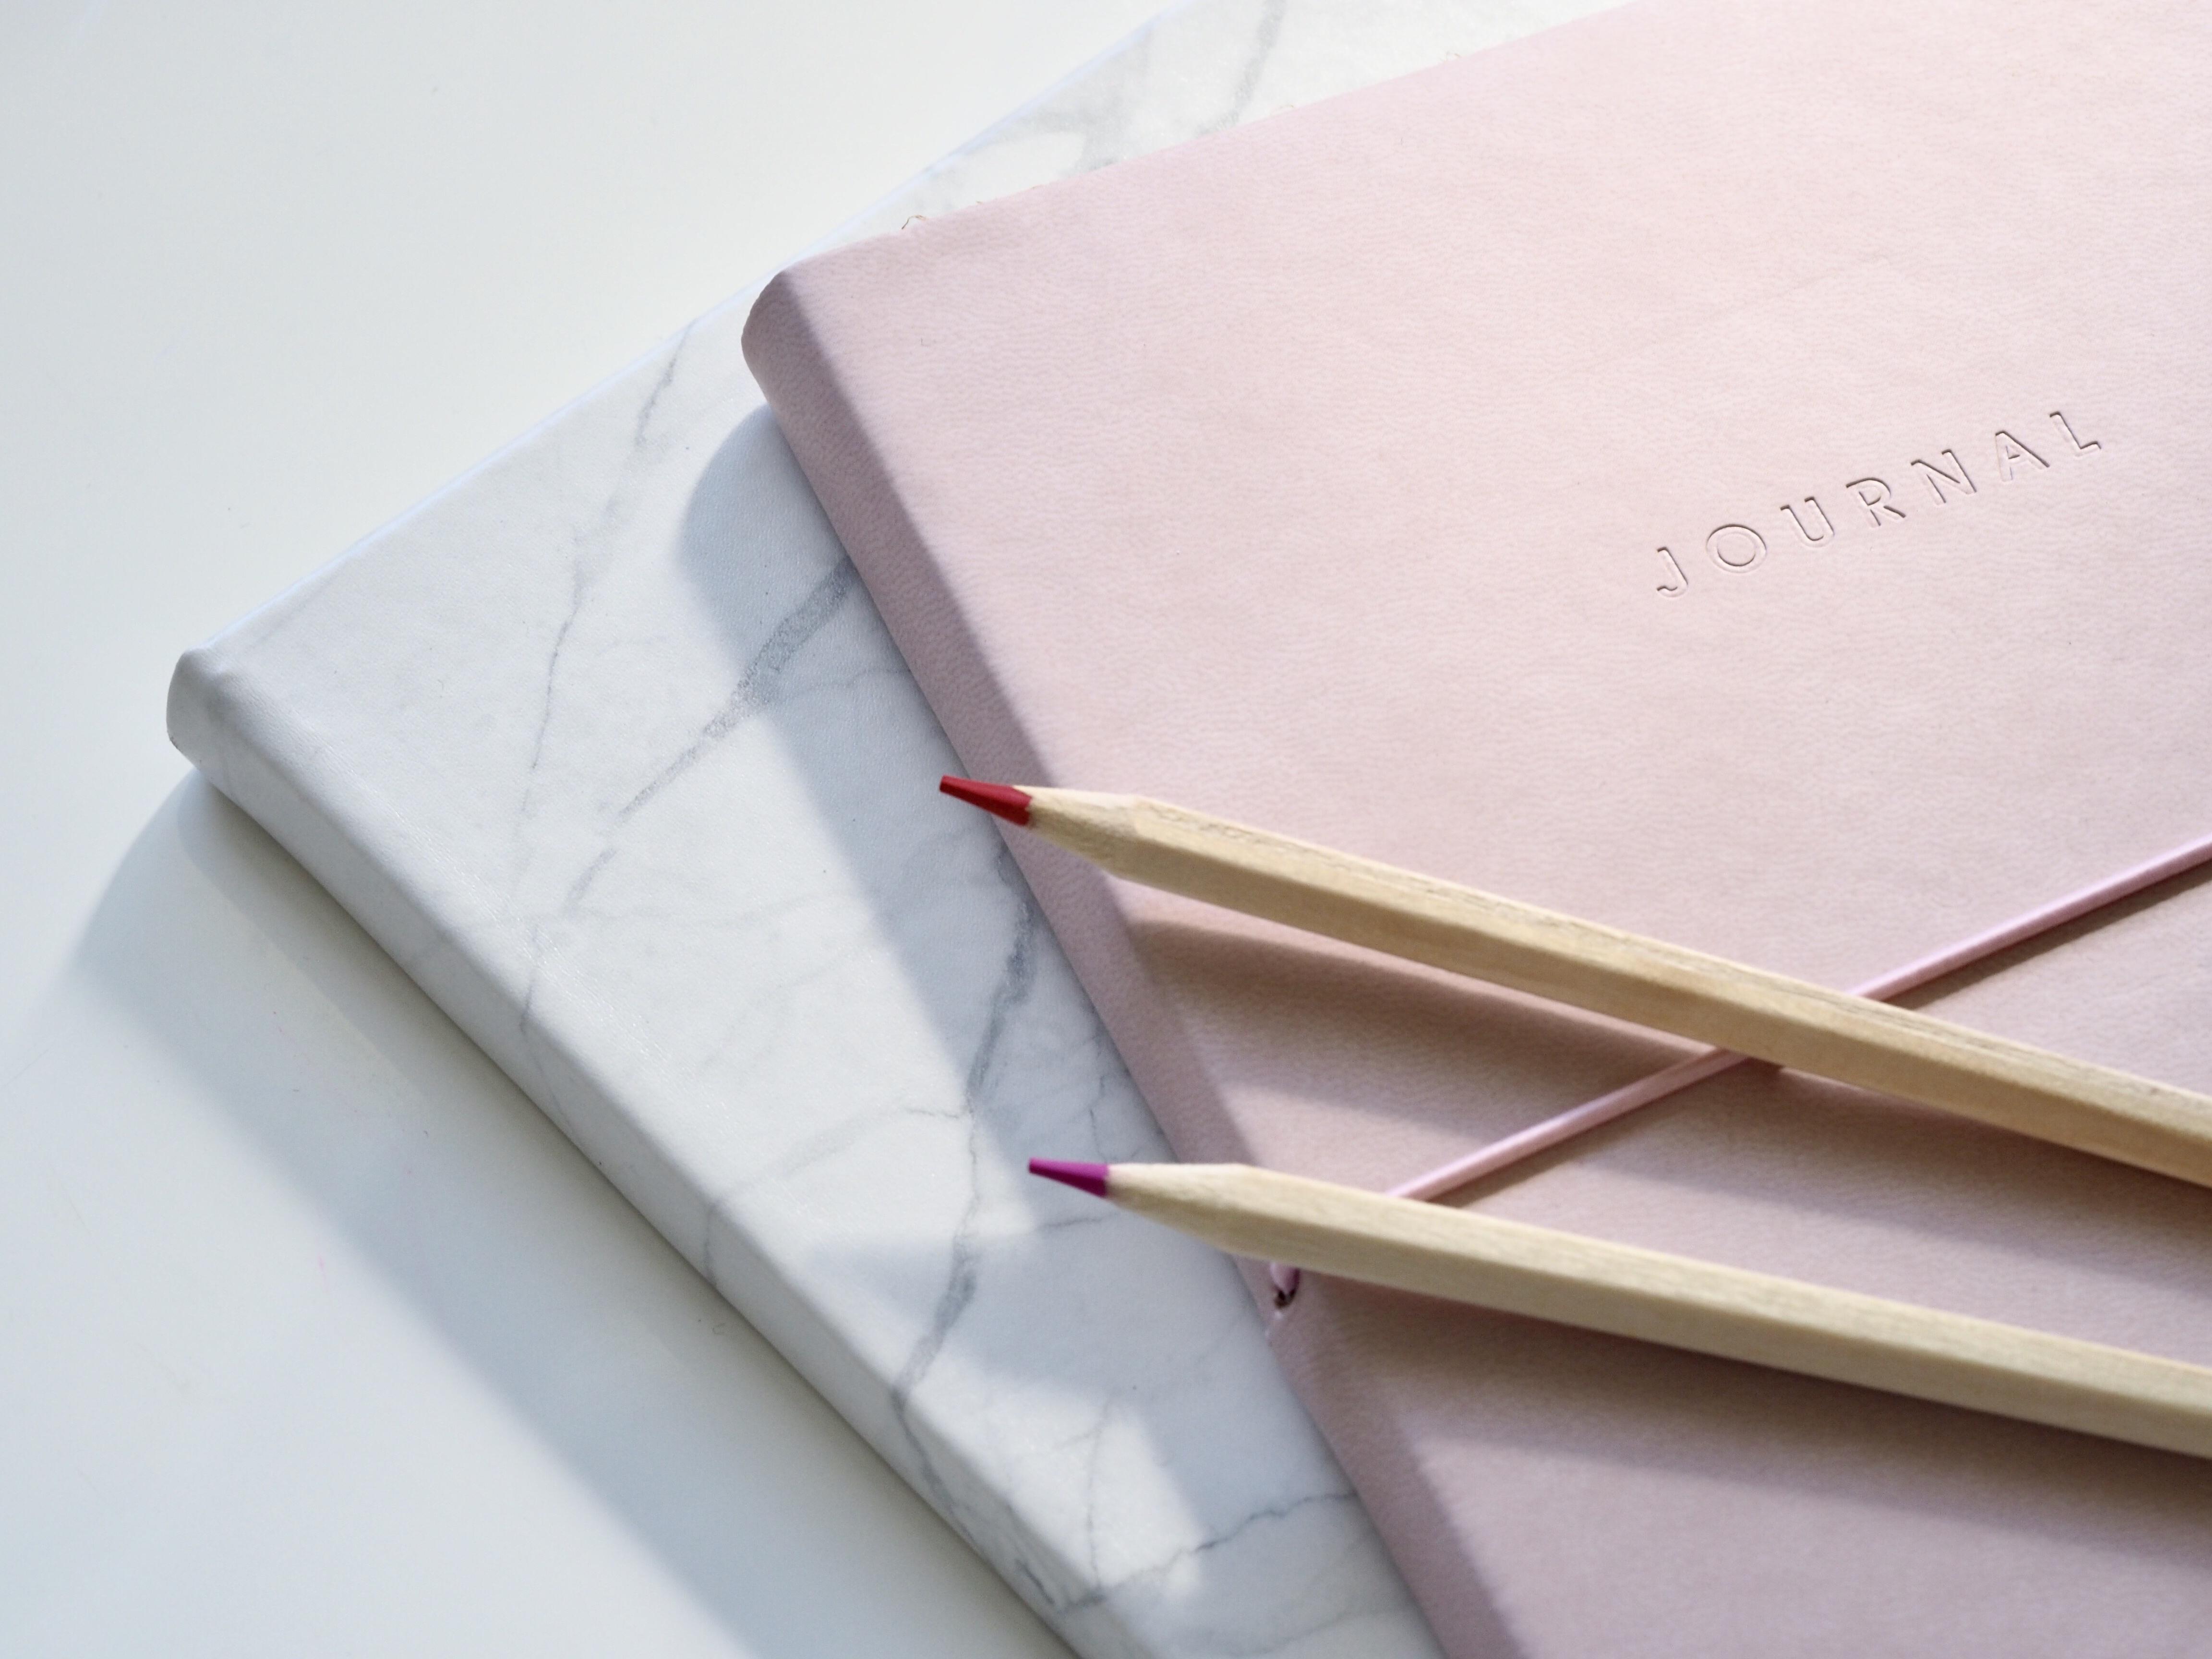 pencil-3326180